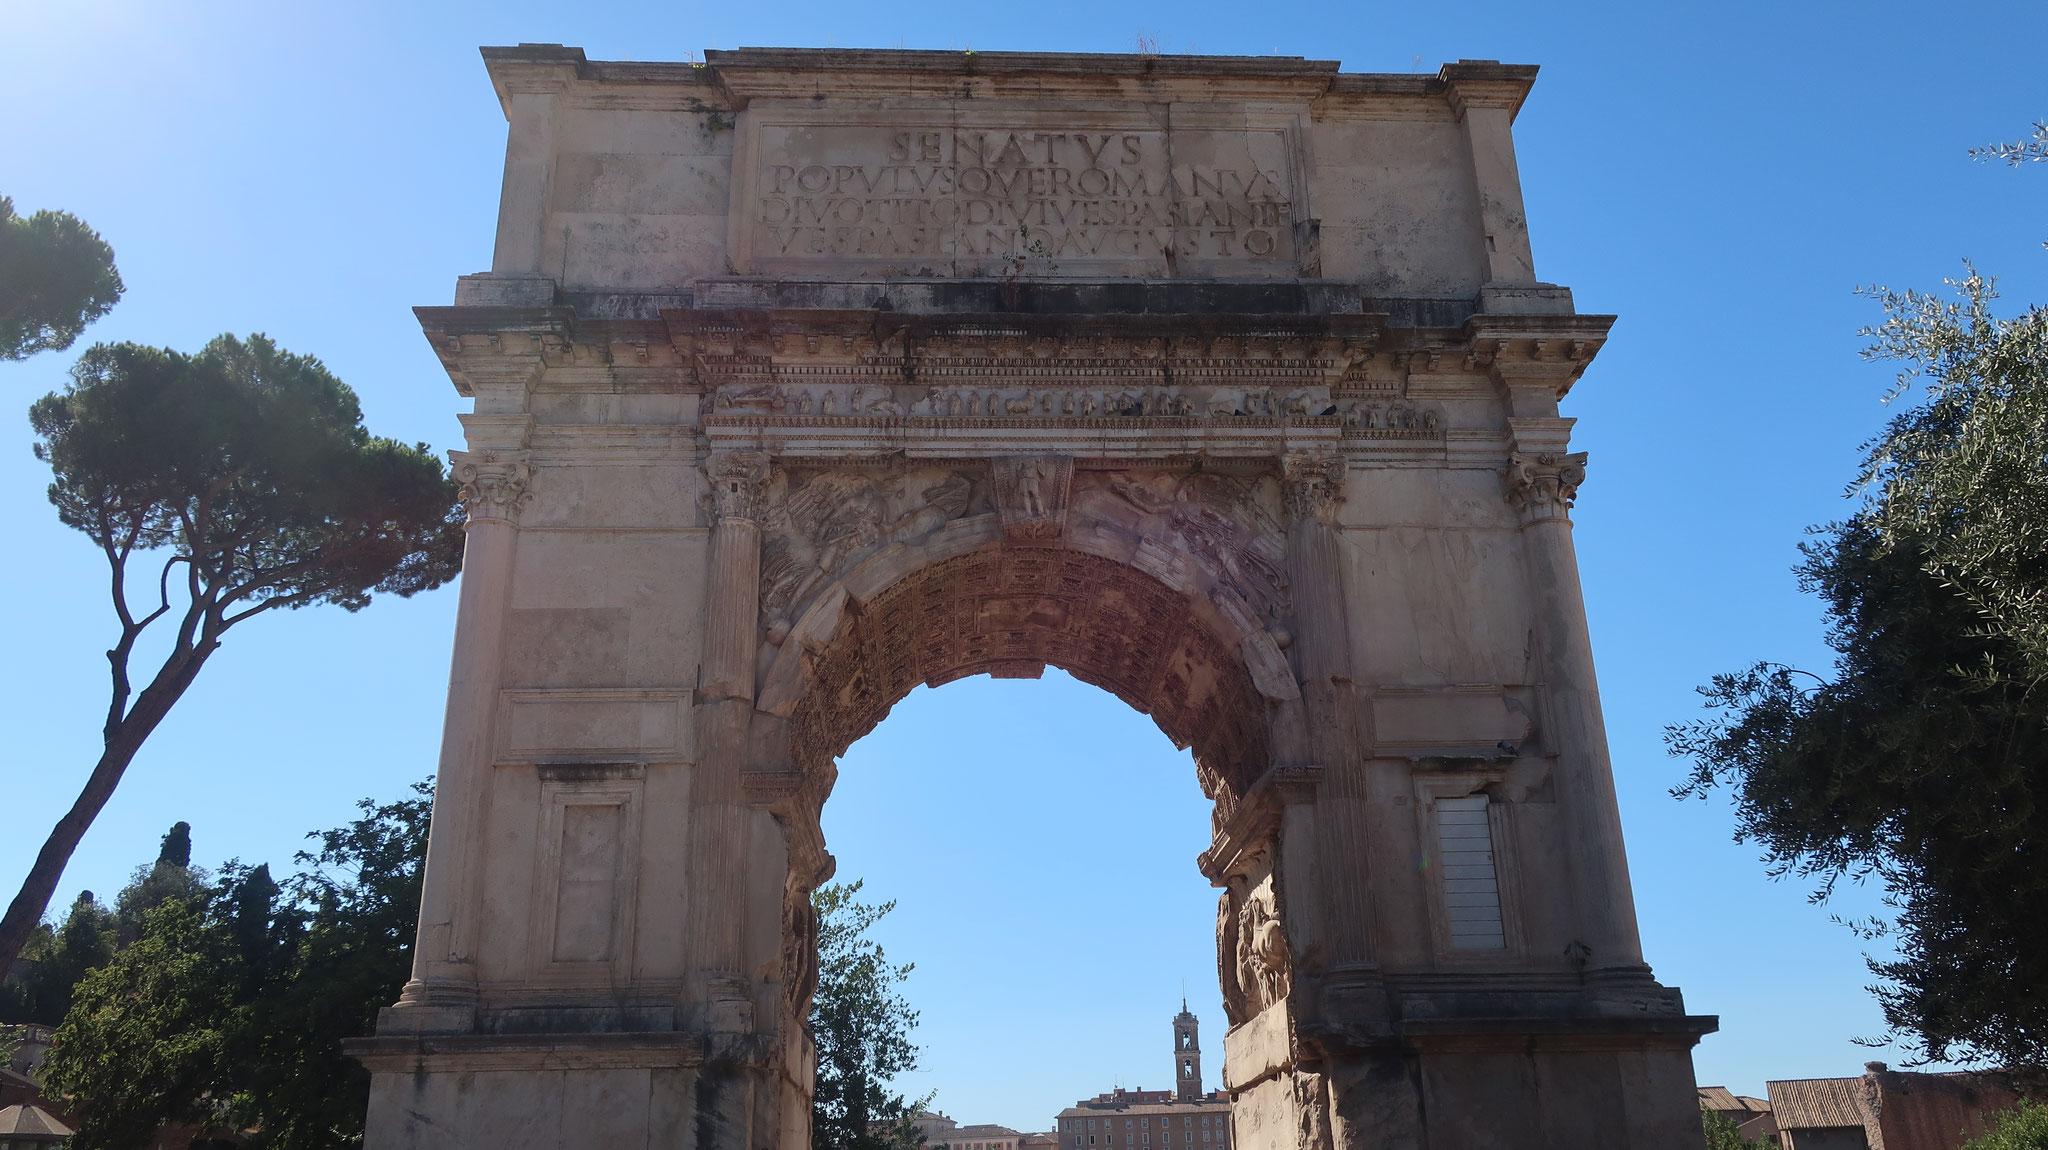 ティトスの凱旋門。紀元1世紀。現存する最古の凱旋門。